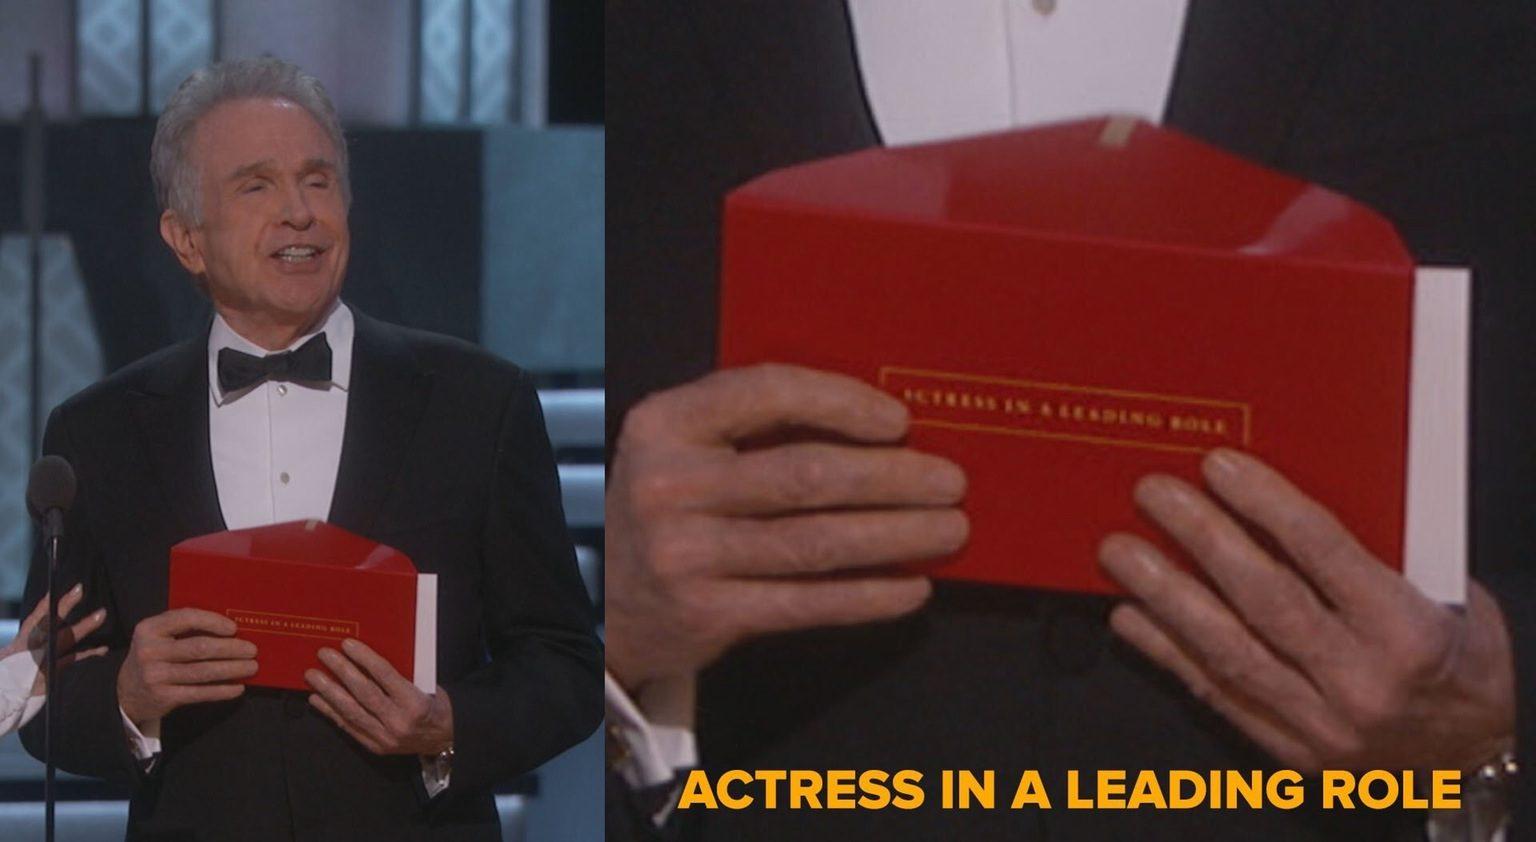 Ödülün yanlış açıklanmasına neden olan zarfın üstünde